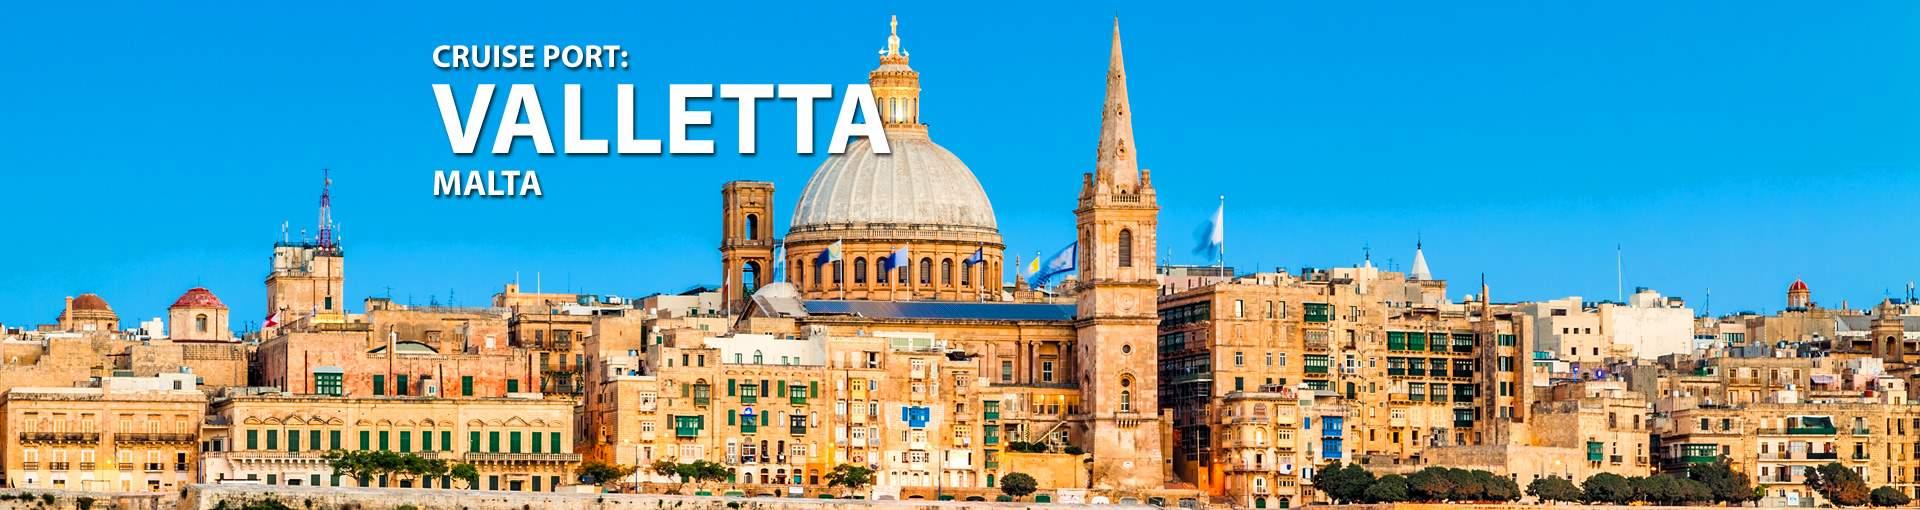 Cruises to Valletta, Malta